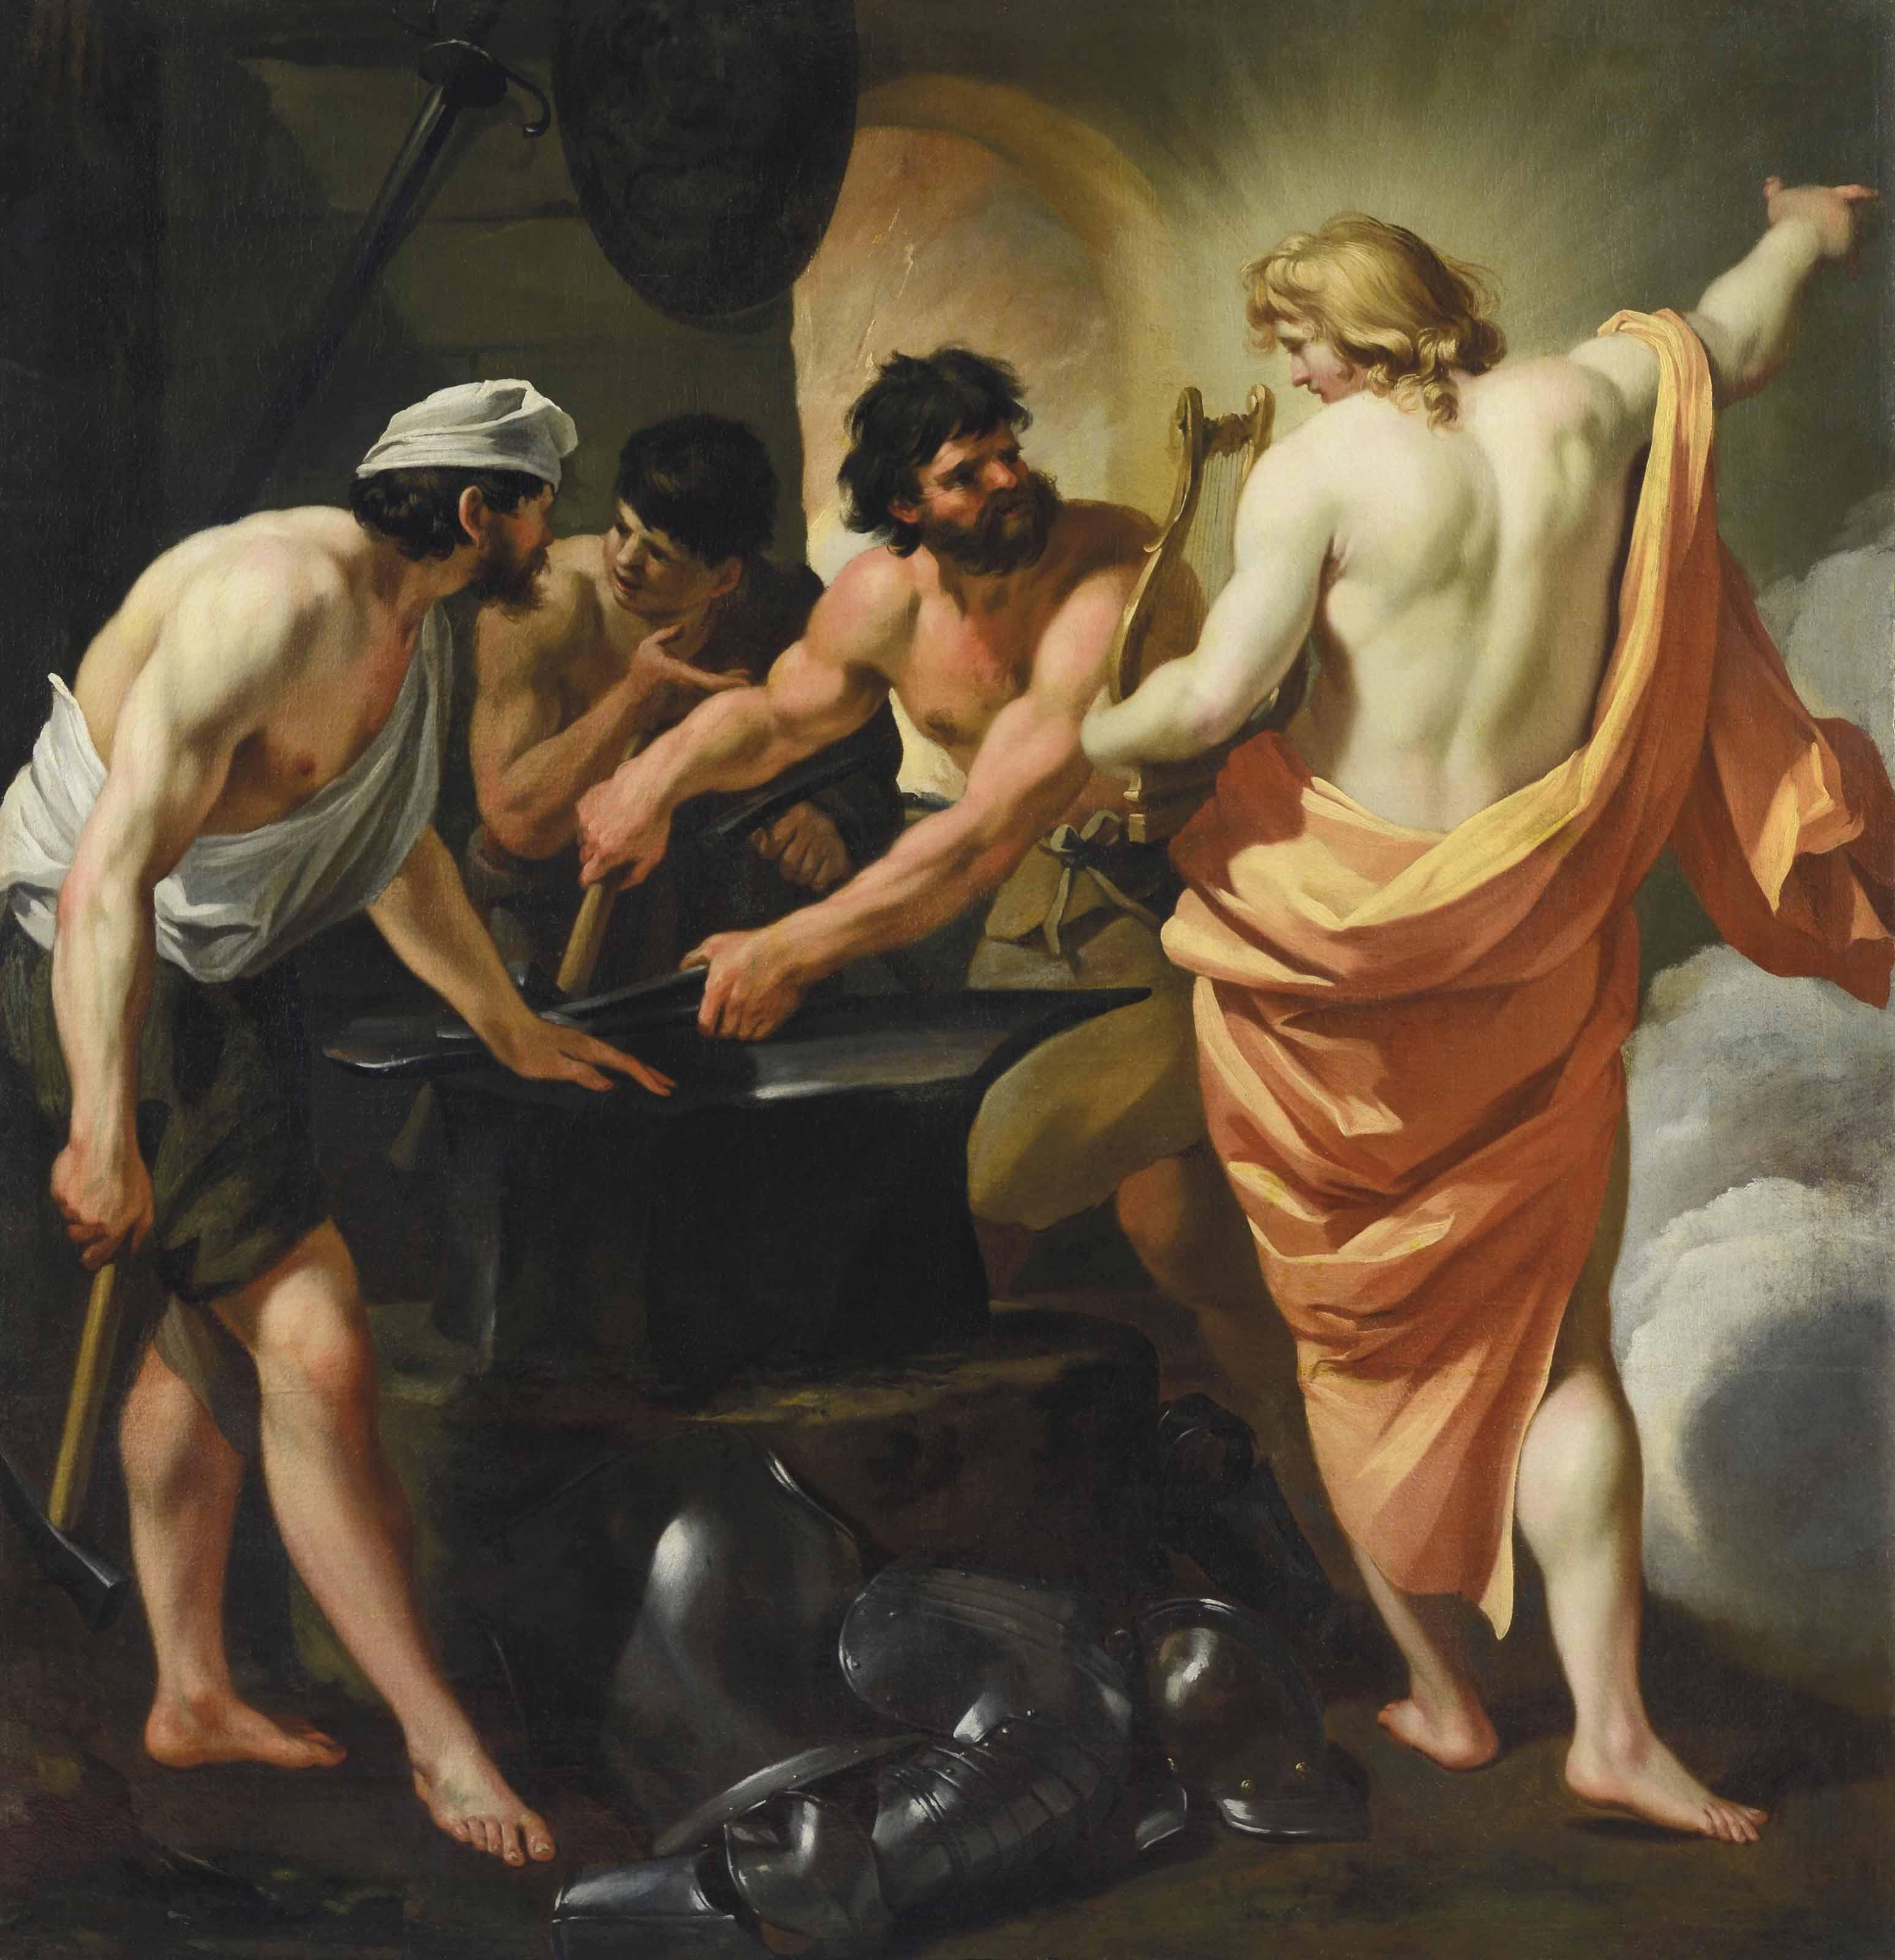 Apollon dans les forges de Vulcain